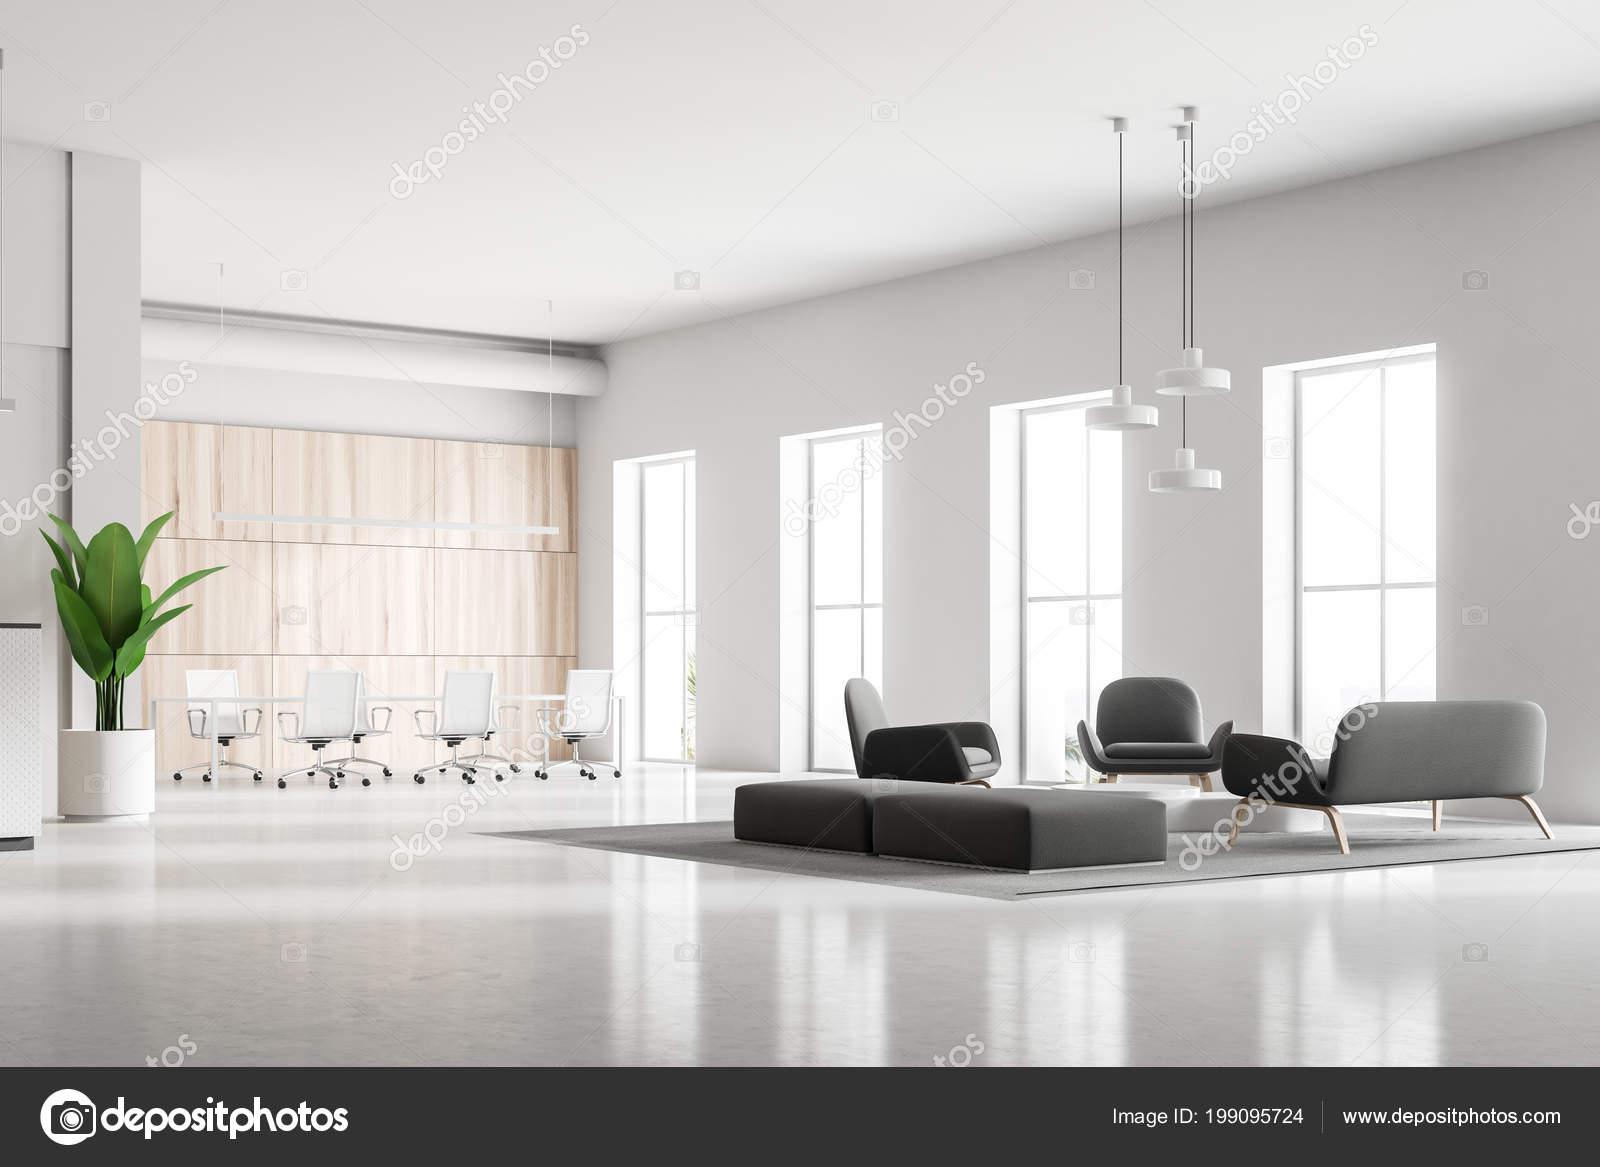 Salle attente avec fauteuils canapés gris douces bureau moderne